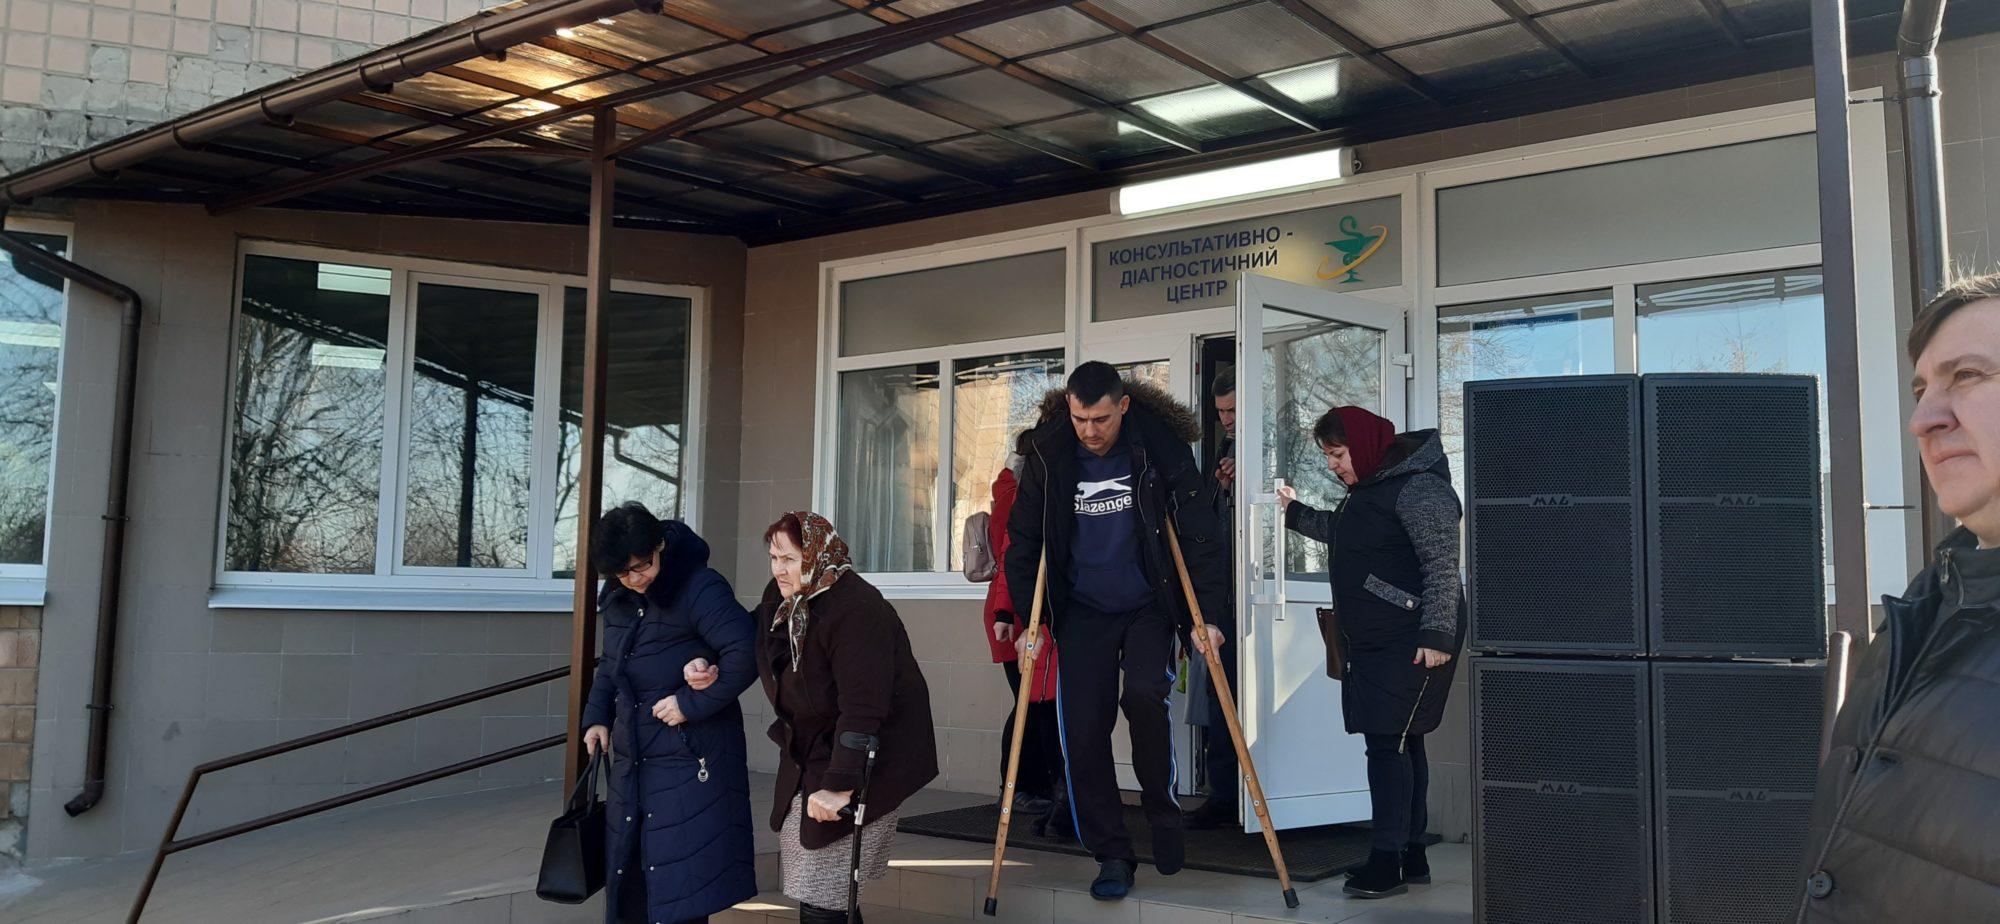 У Борисполі одна людина одужала від коронавірусу -  - 20200219 102327 2000x924